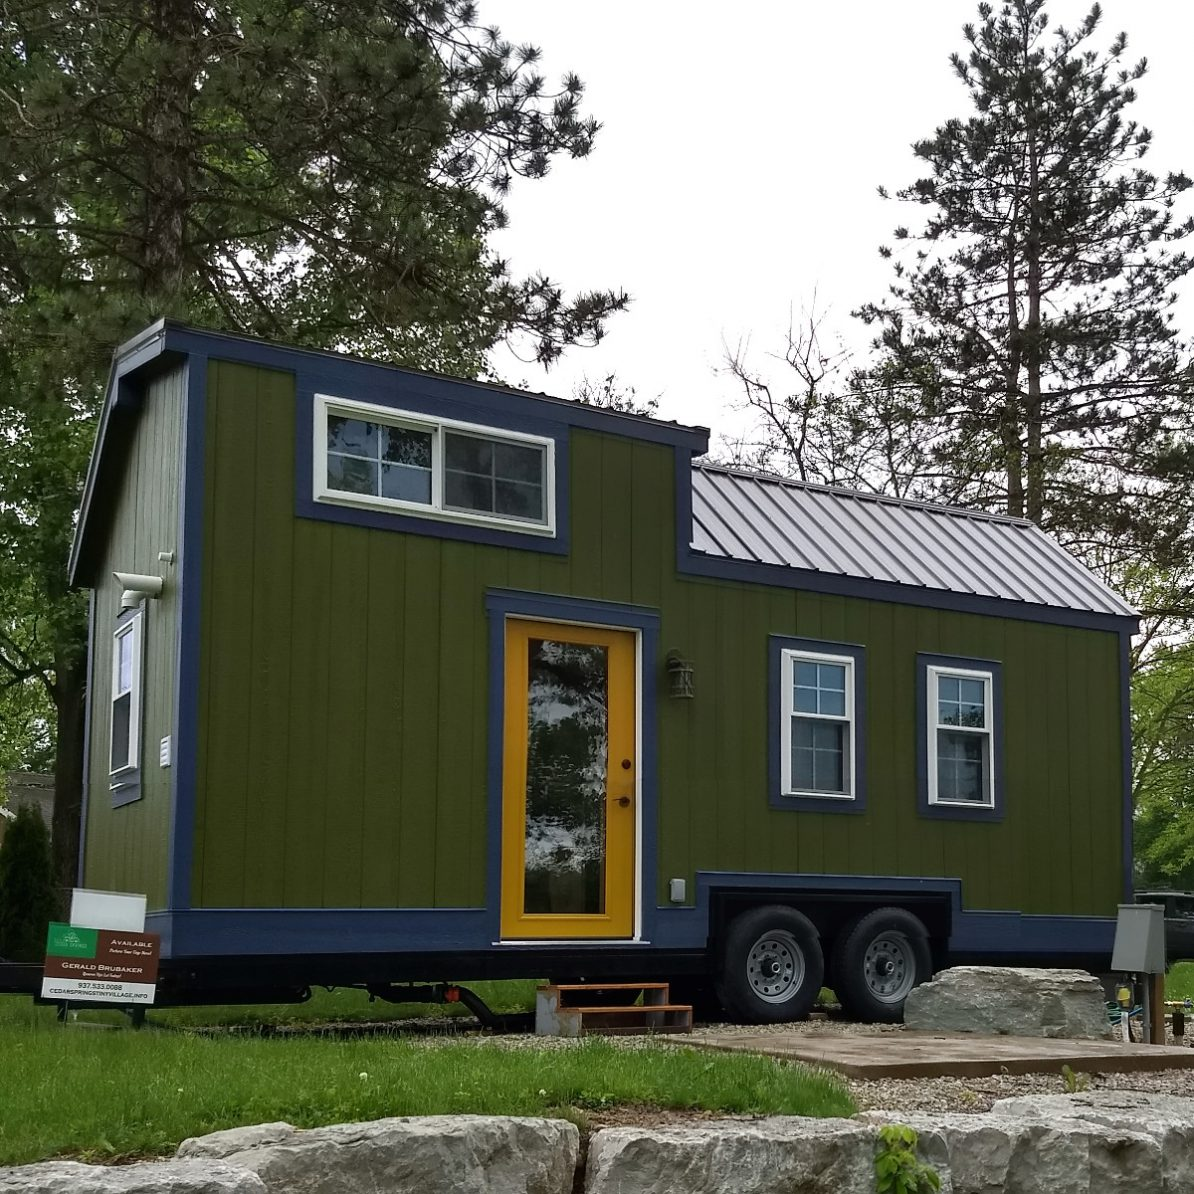 14' tiny house